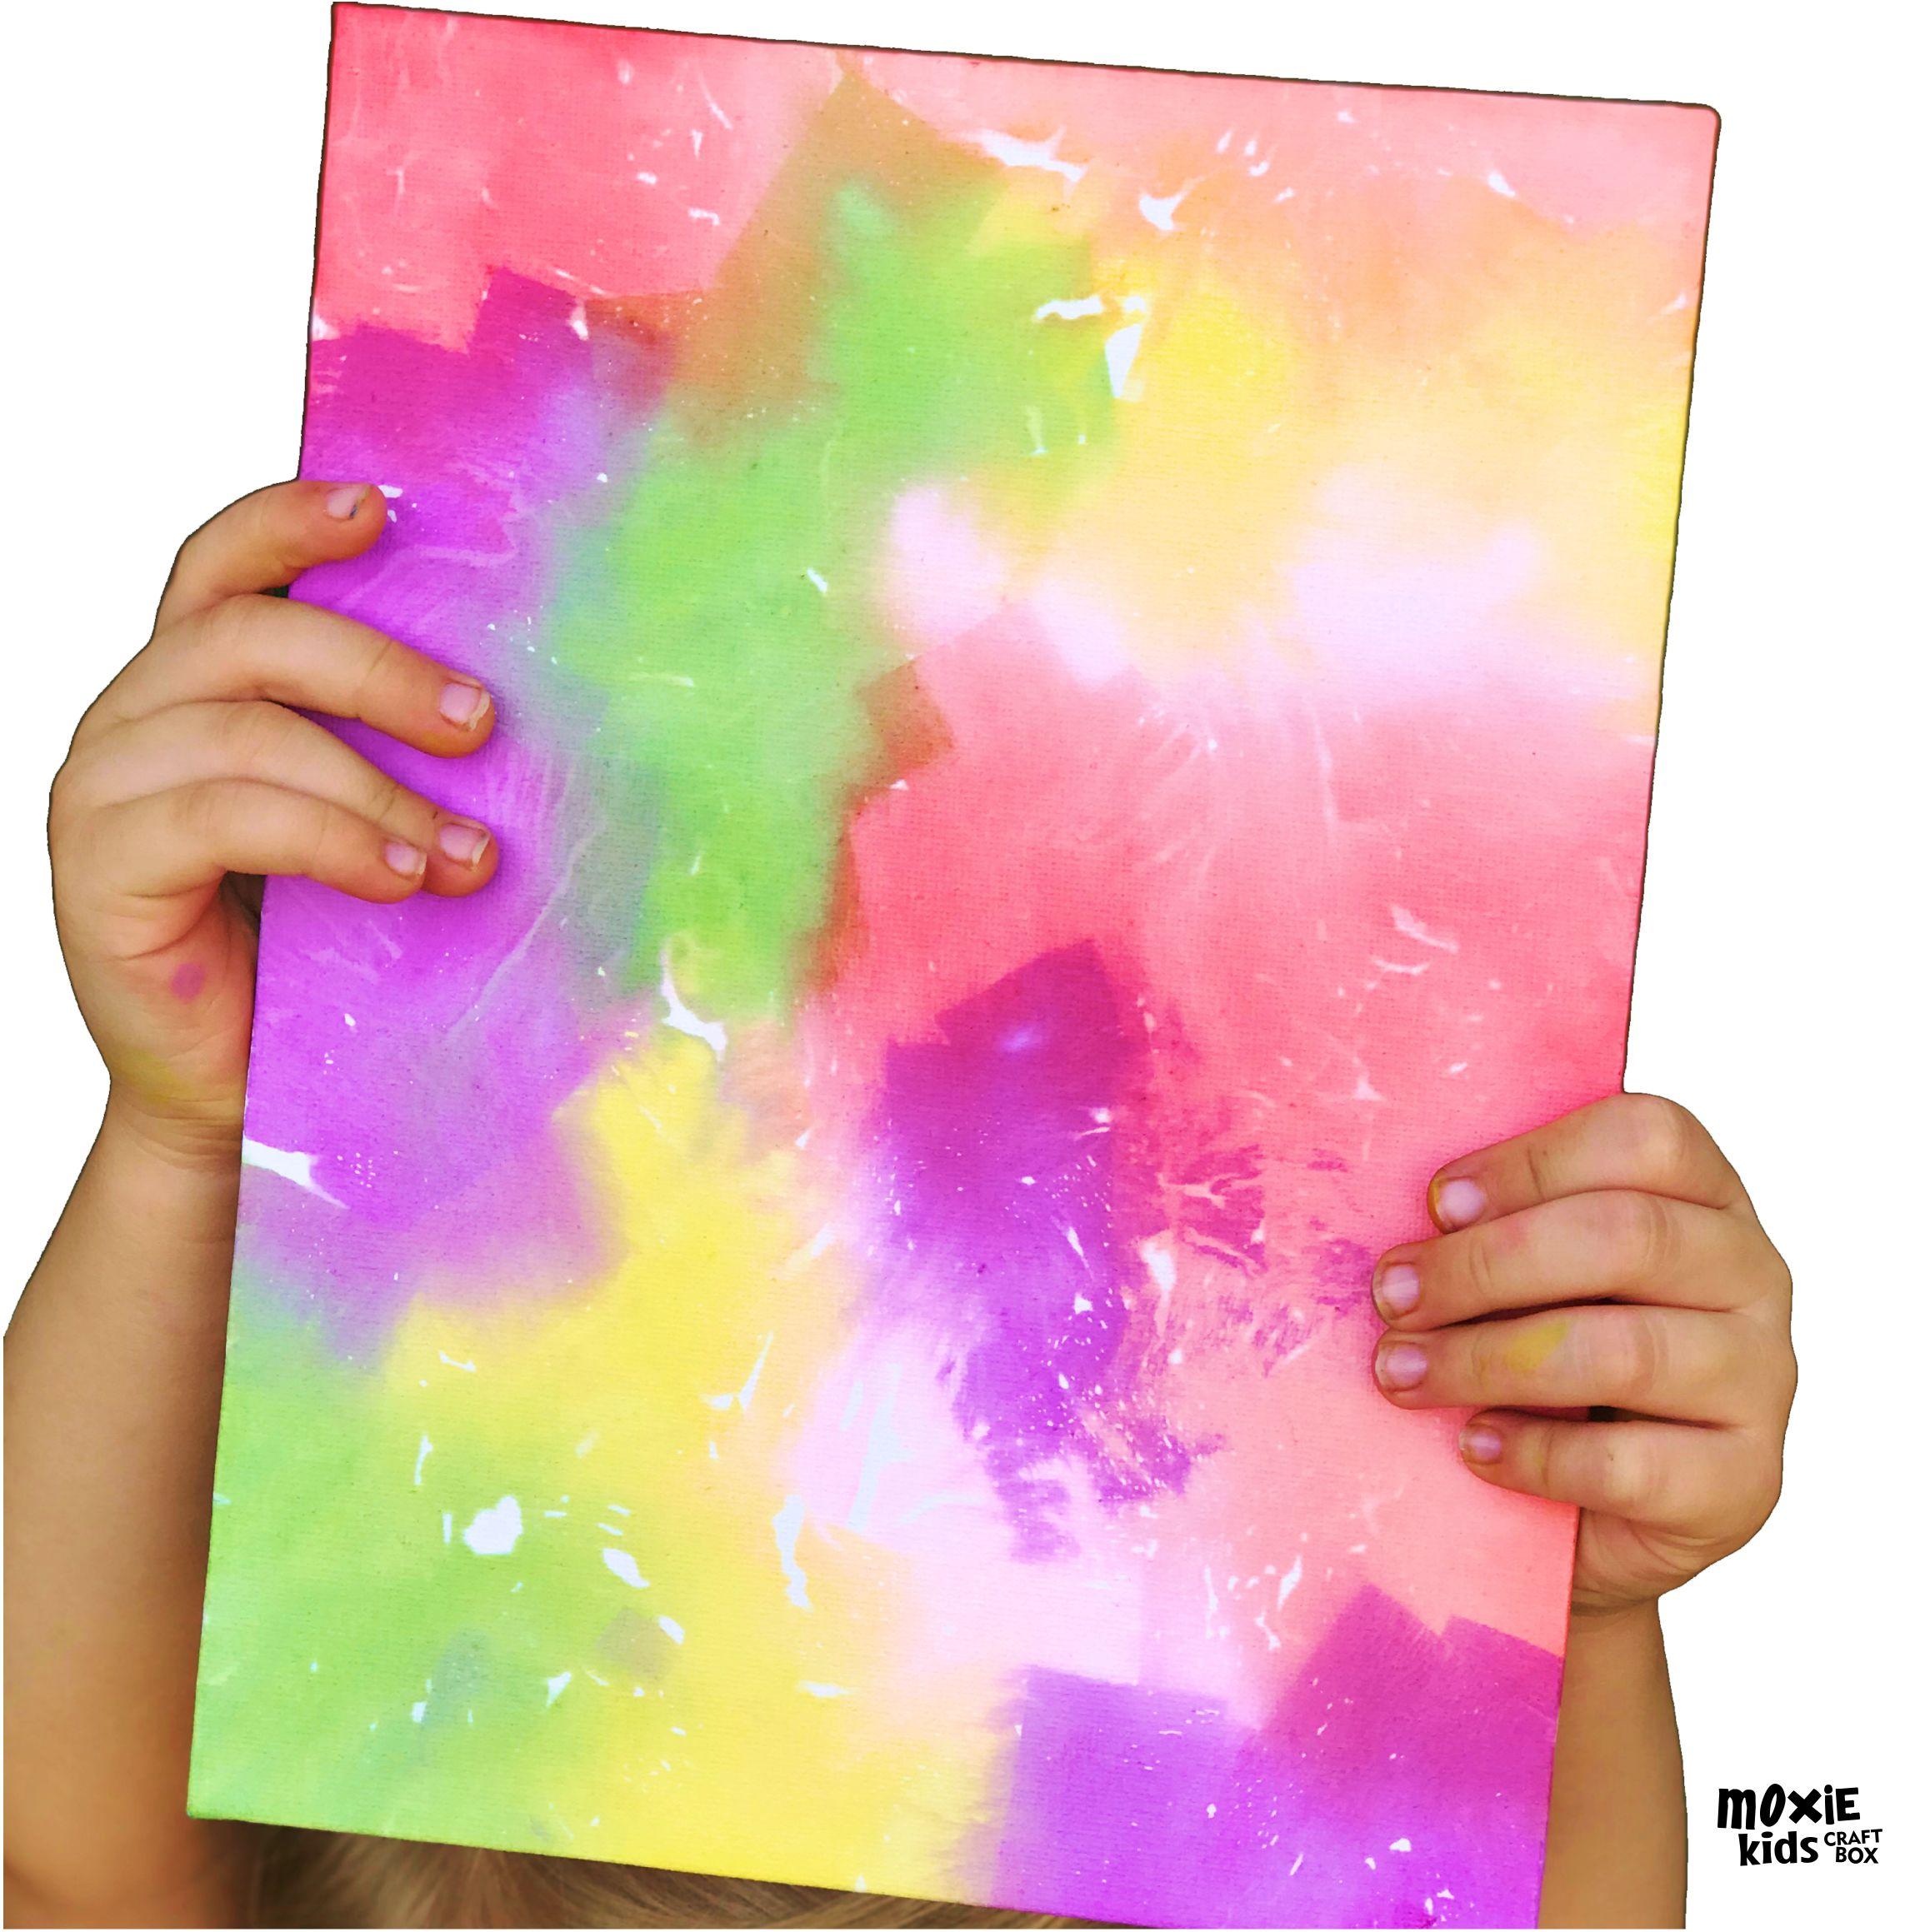 http://www.moxiekids.co.za/wp-content/uploads/2020/03/Moxie-Kids-IG-50.jpg